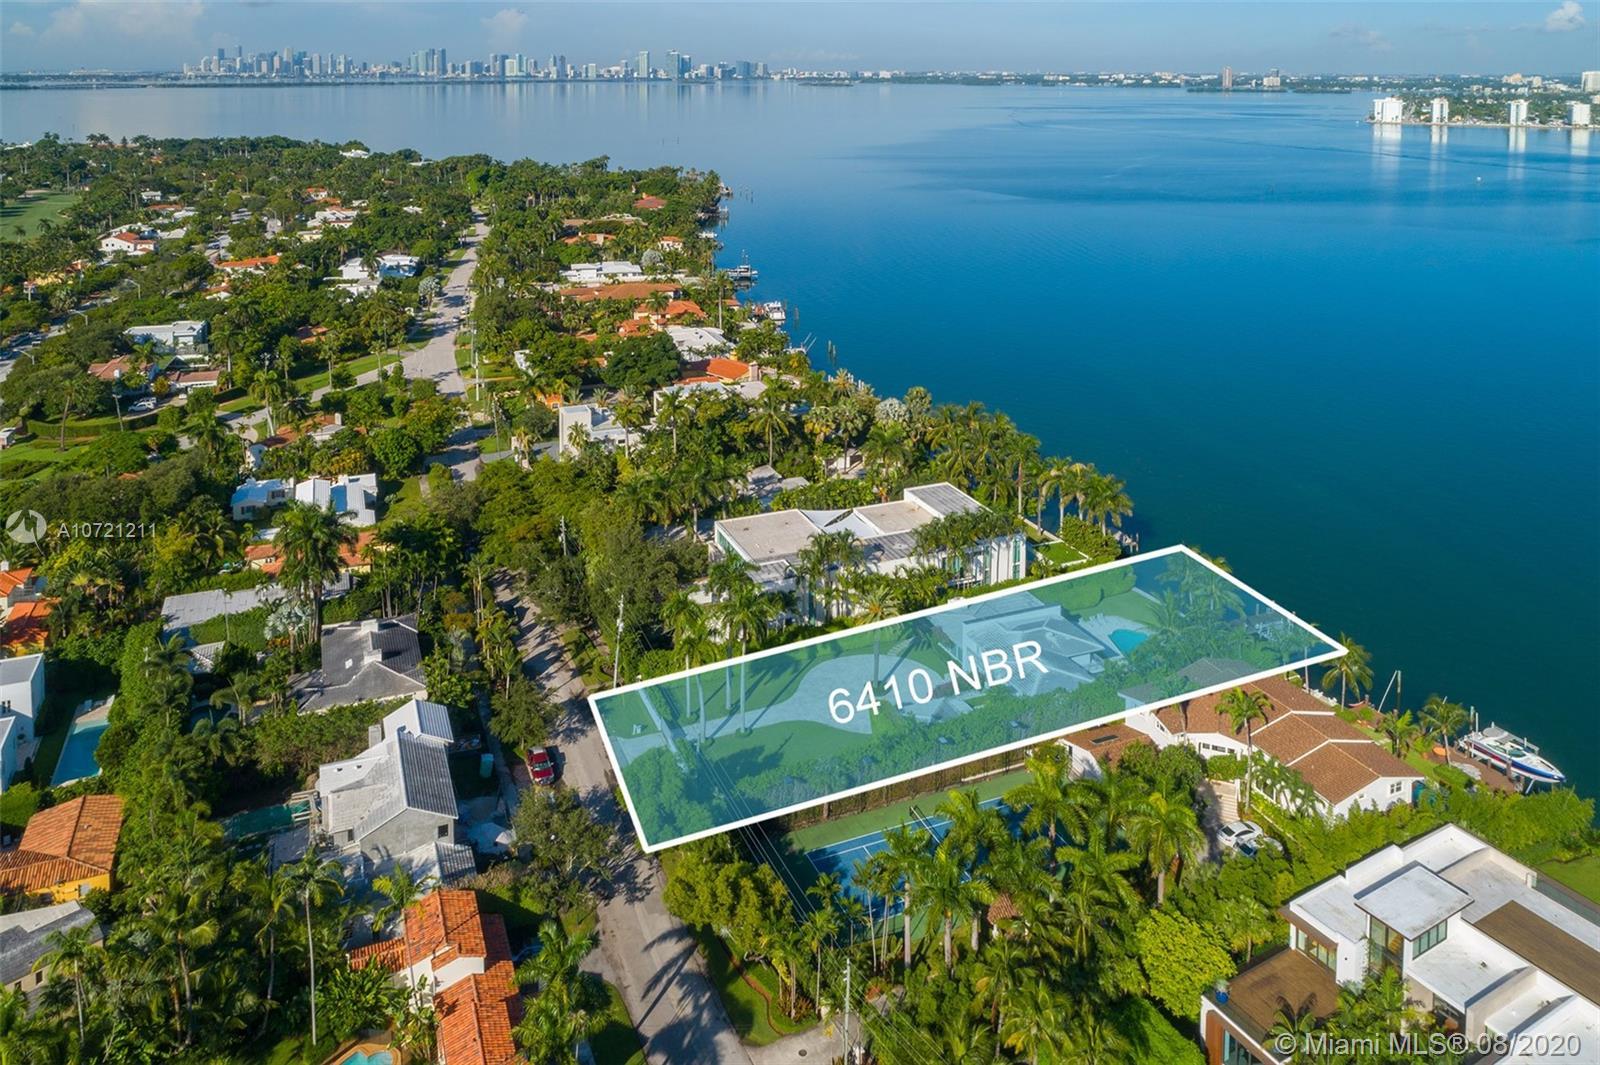 6410 N Bay Rd, Miami Beach, FL 33141